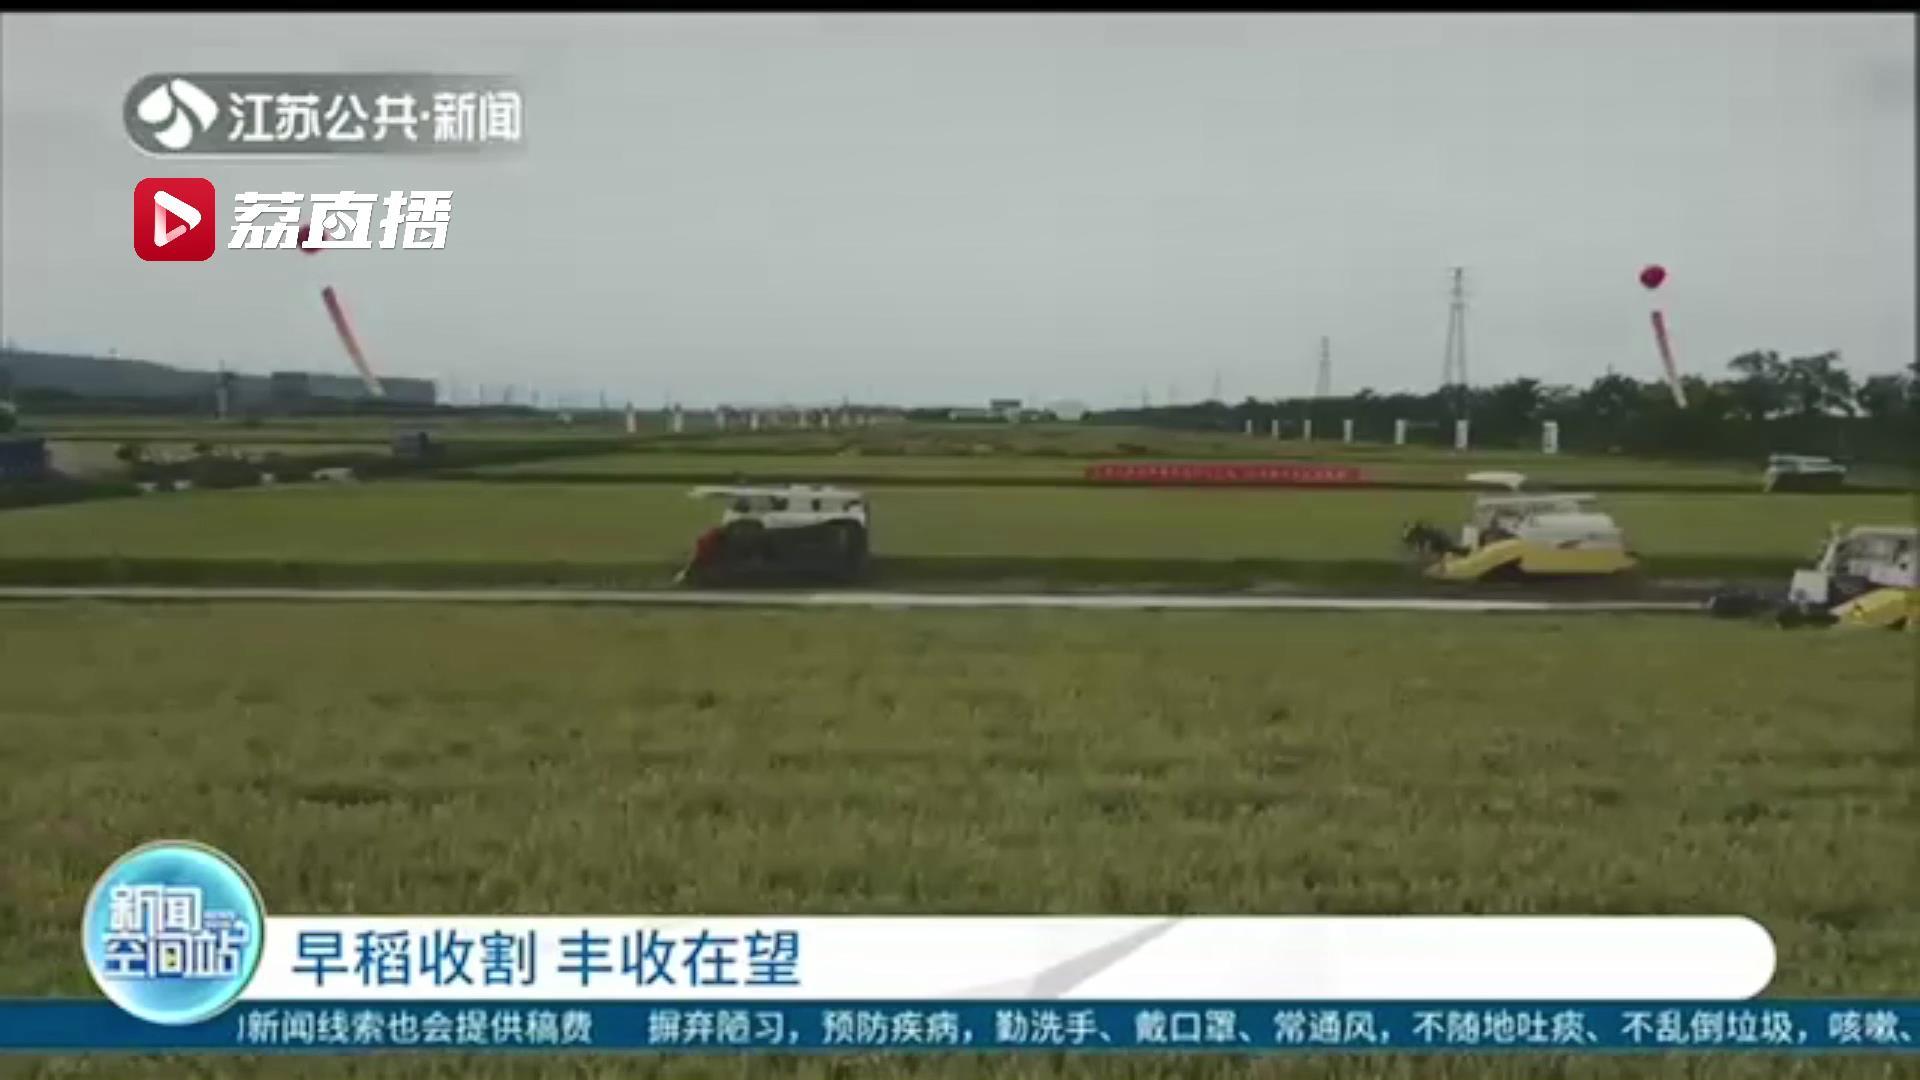 丰收在望!江苏多地早熟品种水稻开镰收割